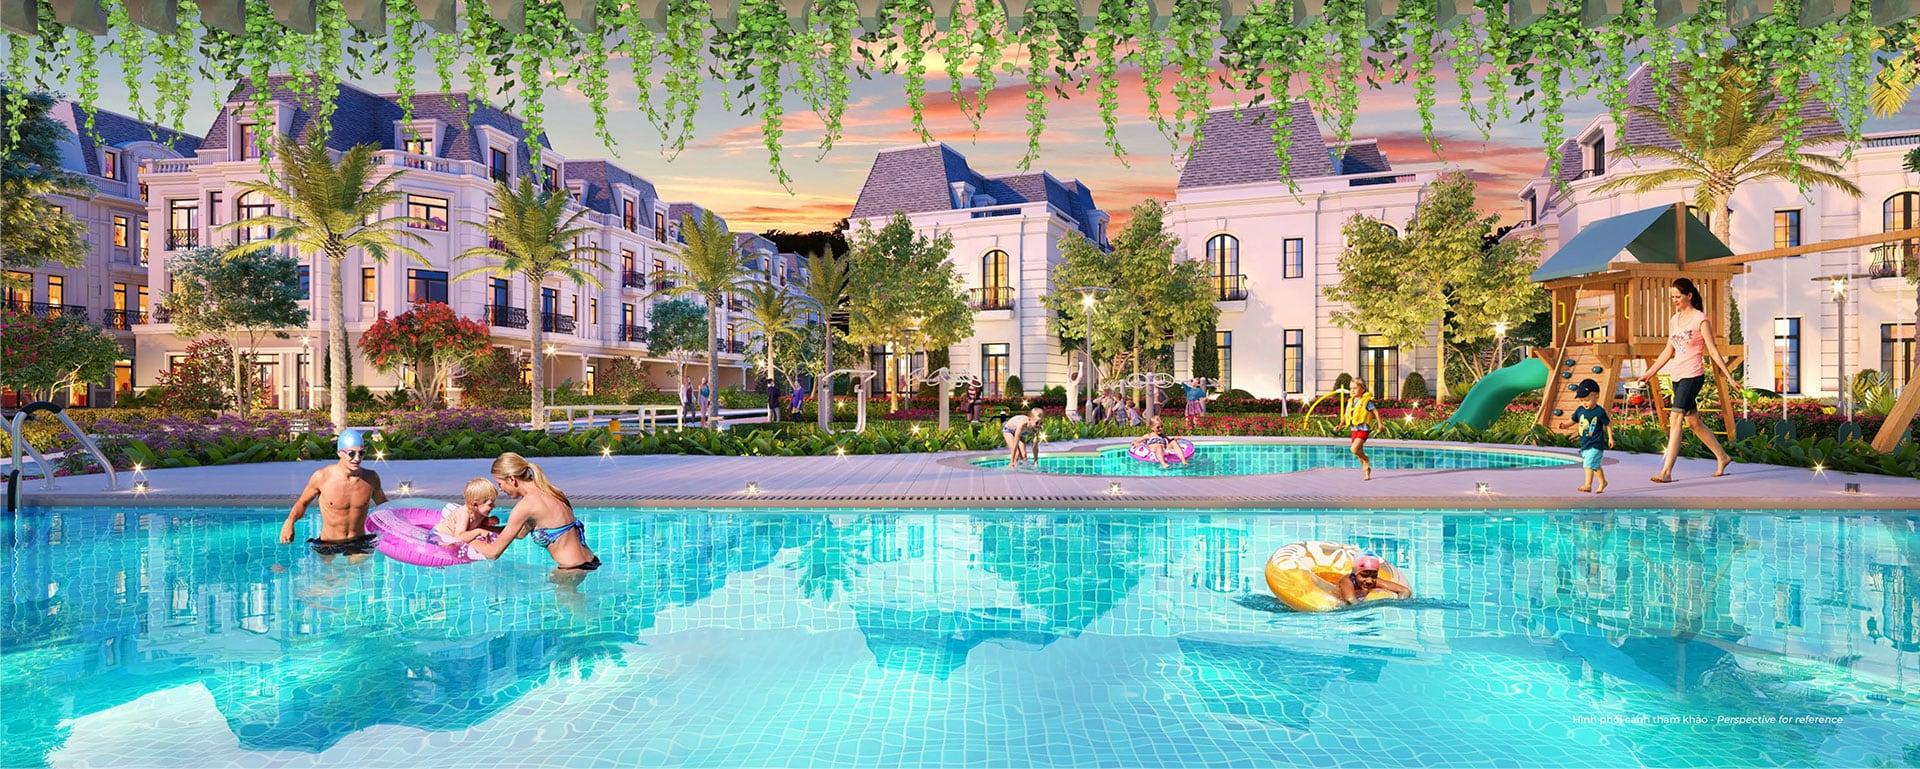 tiện ích hồ bơi Amelie Nhà Bè